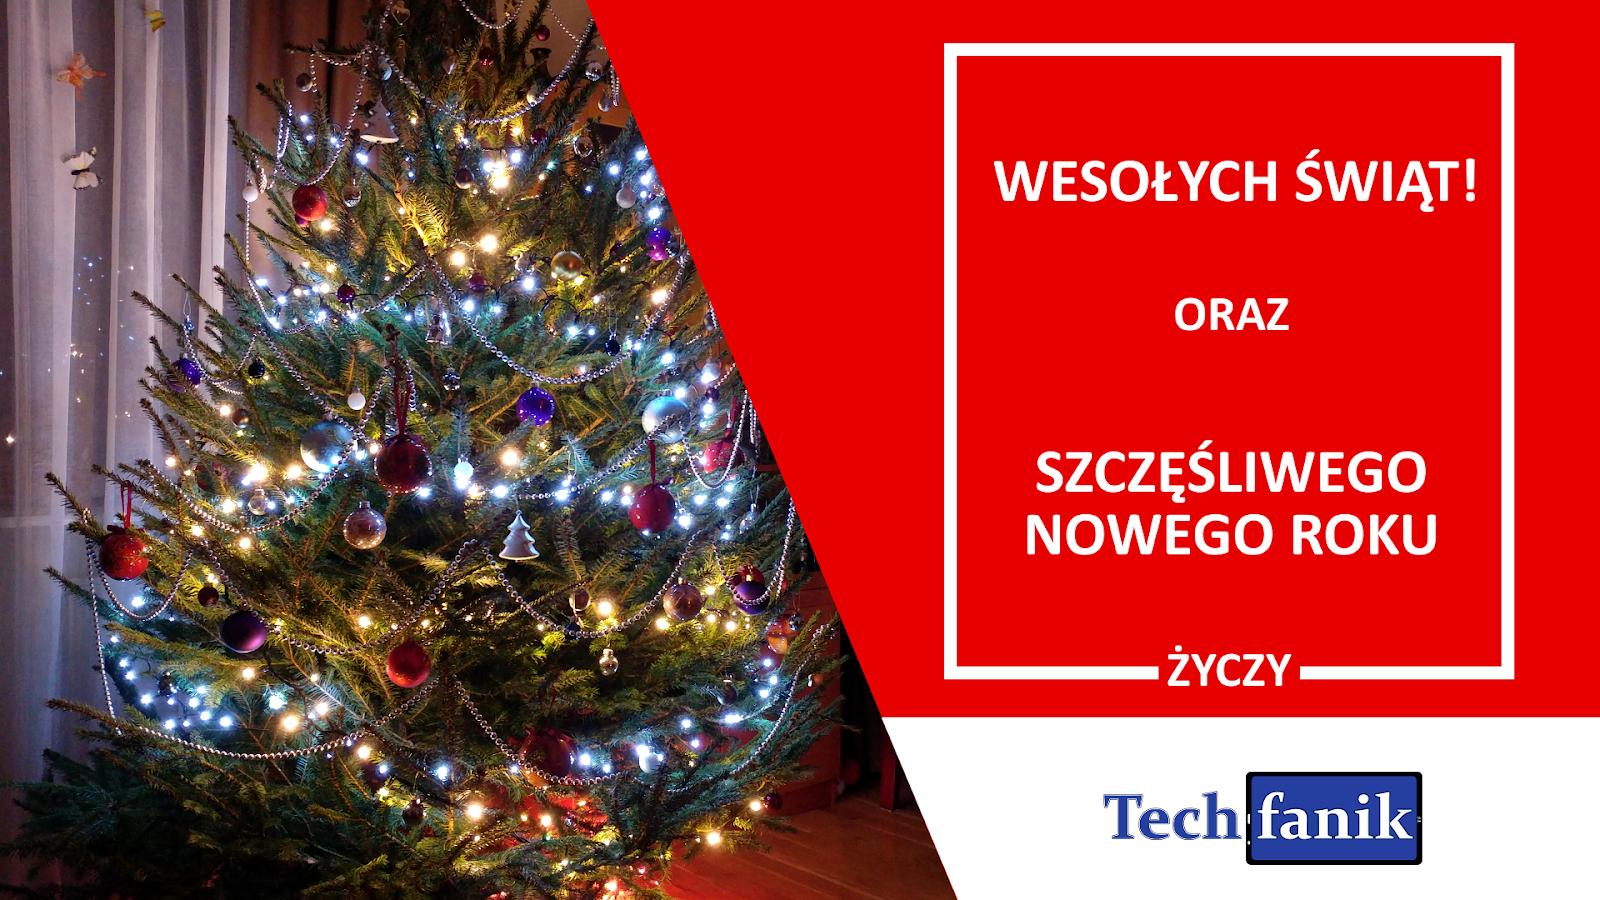 Wesołych Świąt oraz Szczęśliwego Nowego Roku życzy Techfanik